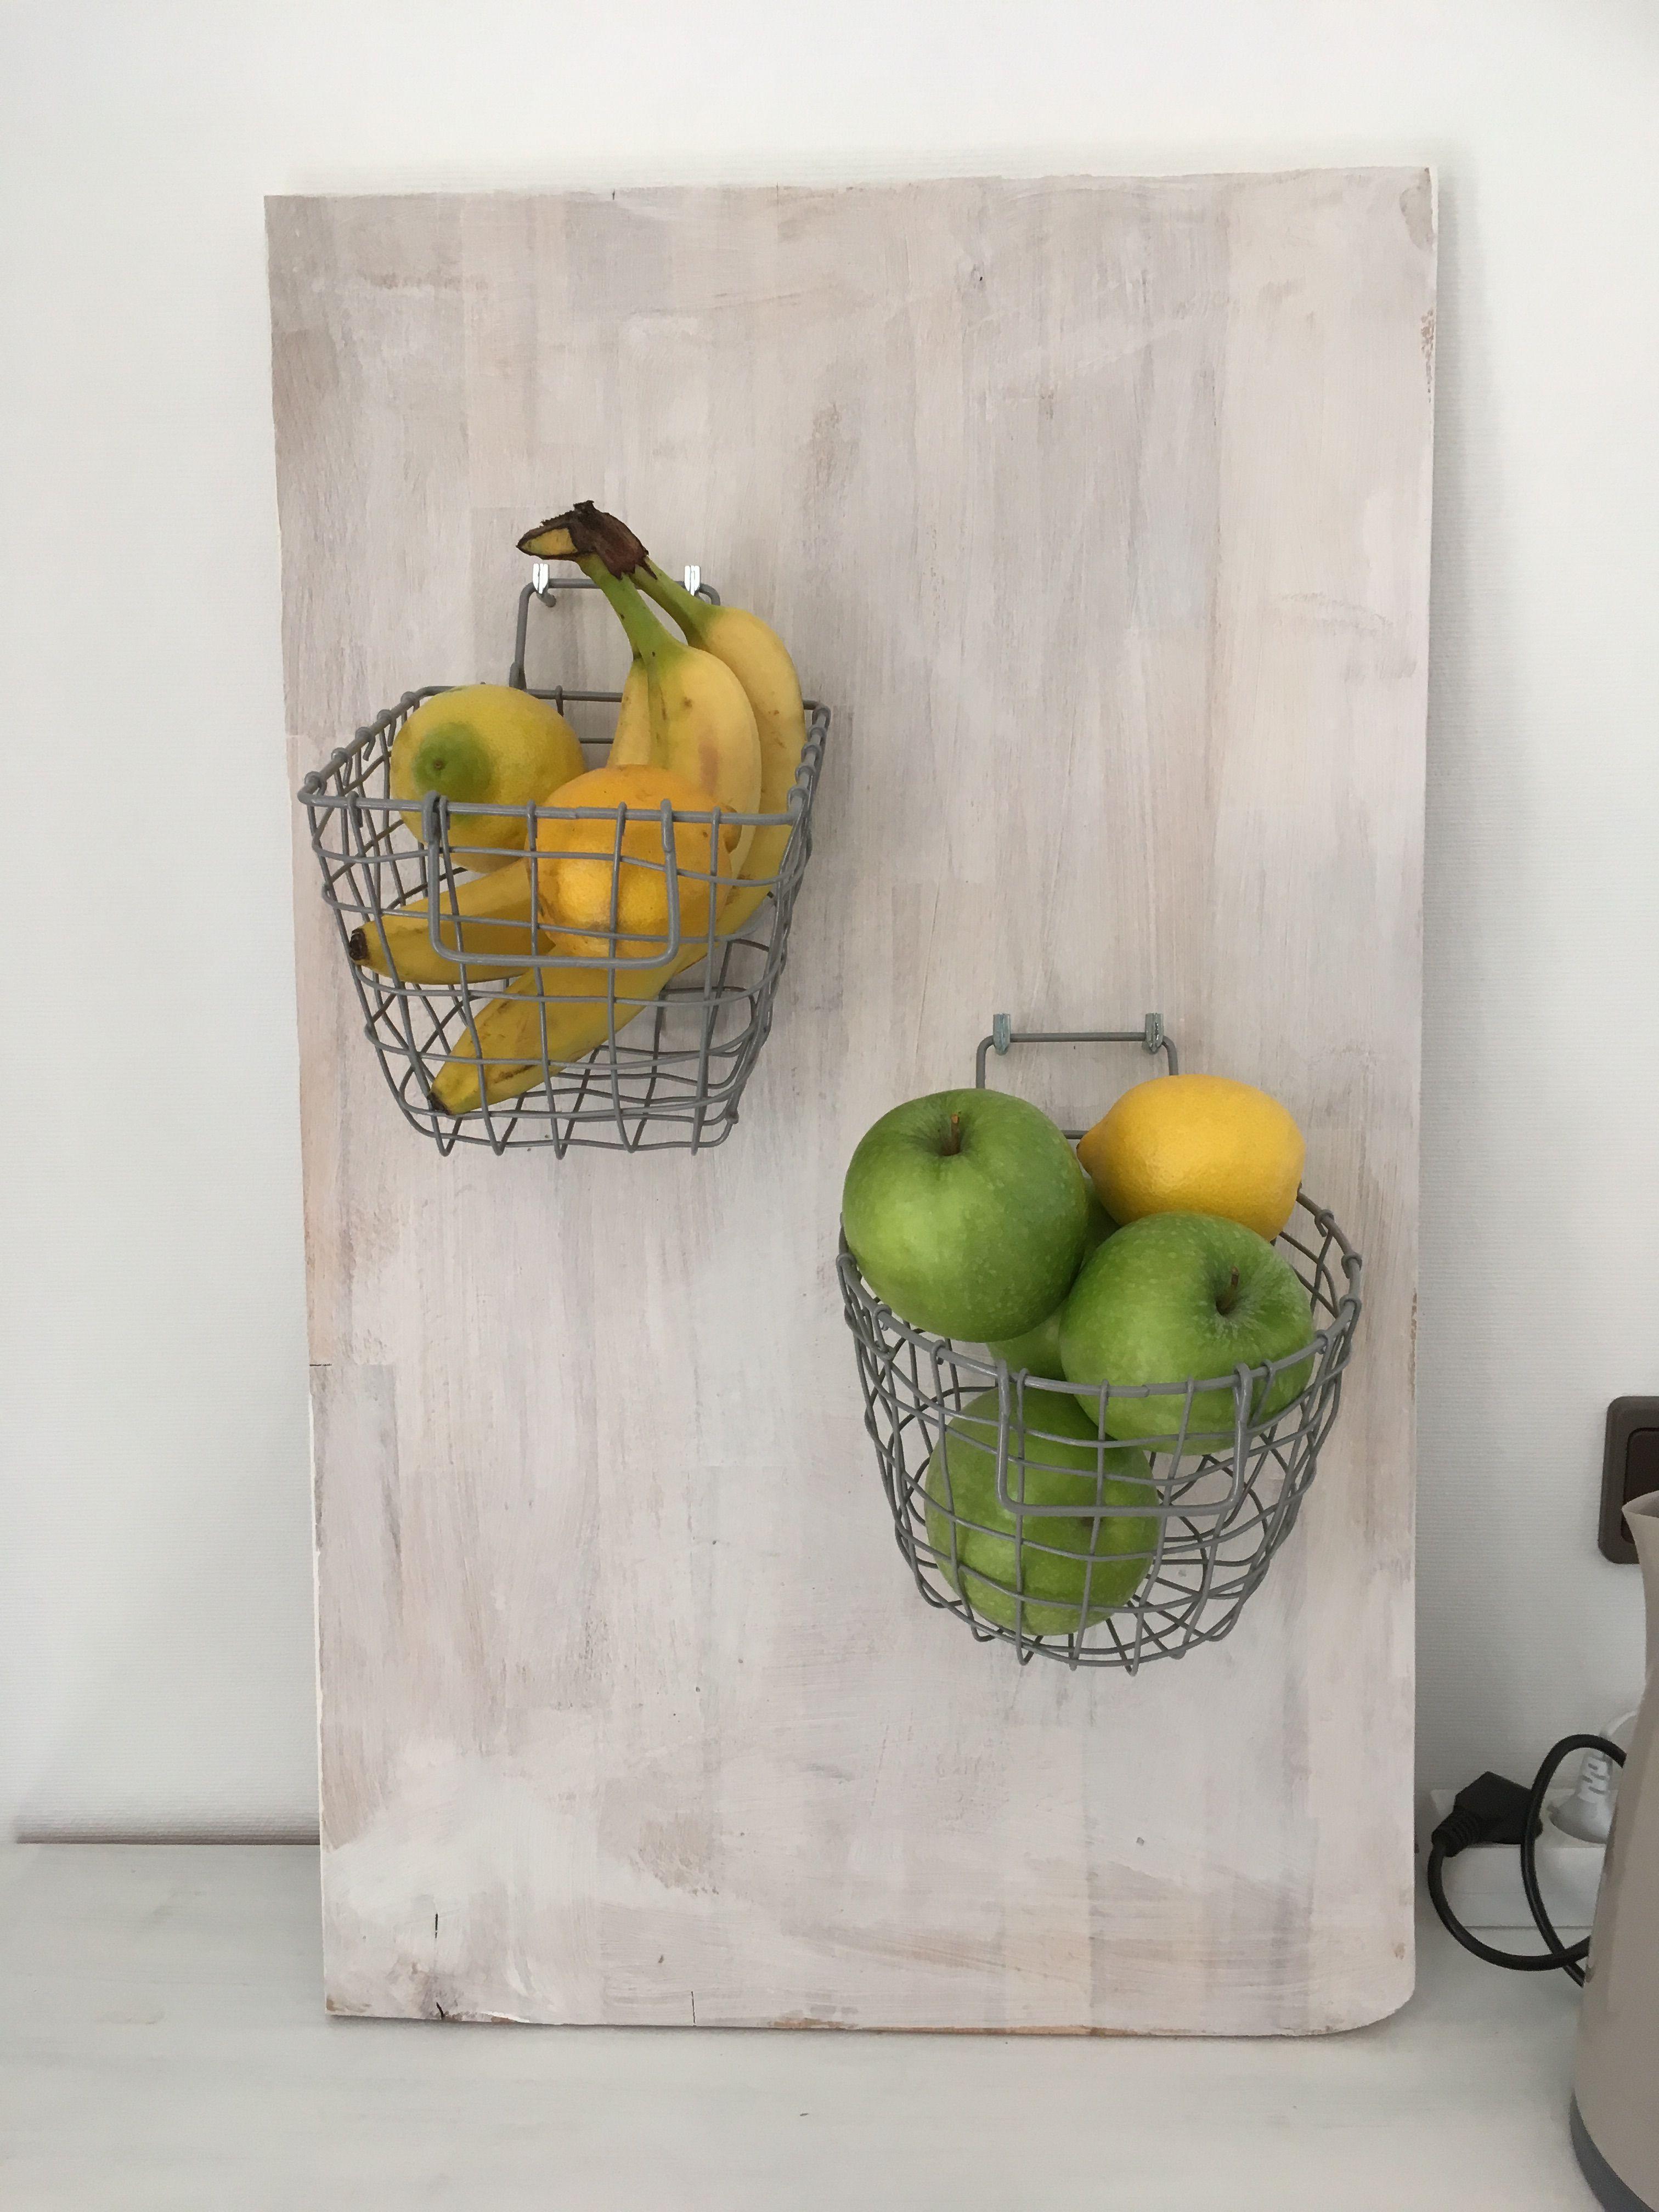 Holzbrett als Gemüse / Obst Aufbewahrung umfunktioniert | Wohnen ...